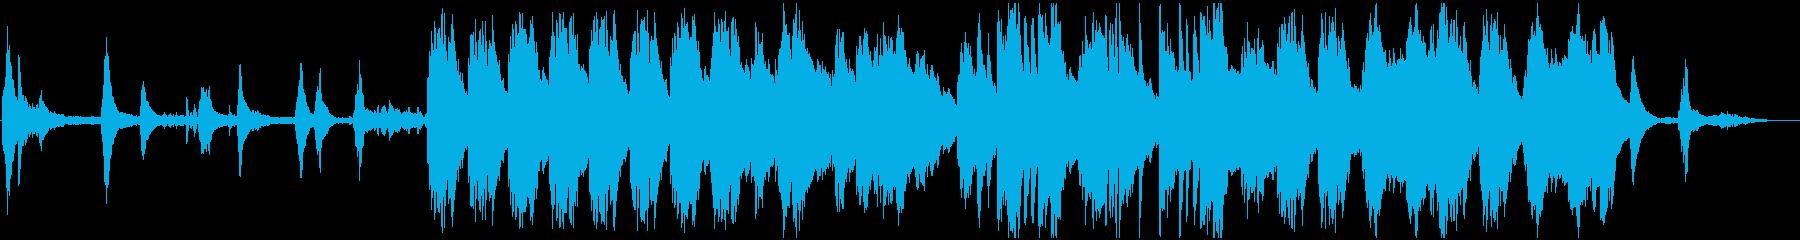 自然/朝/ピアノソロ BGMの再生済みの波形